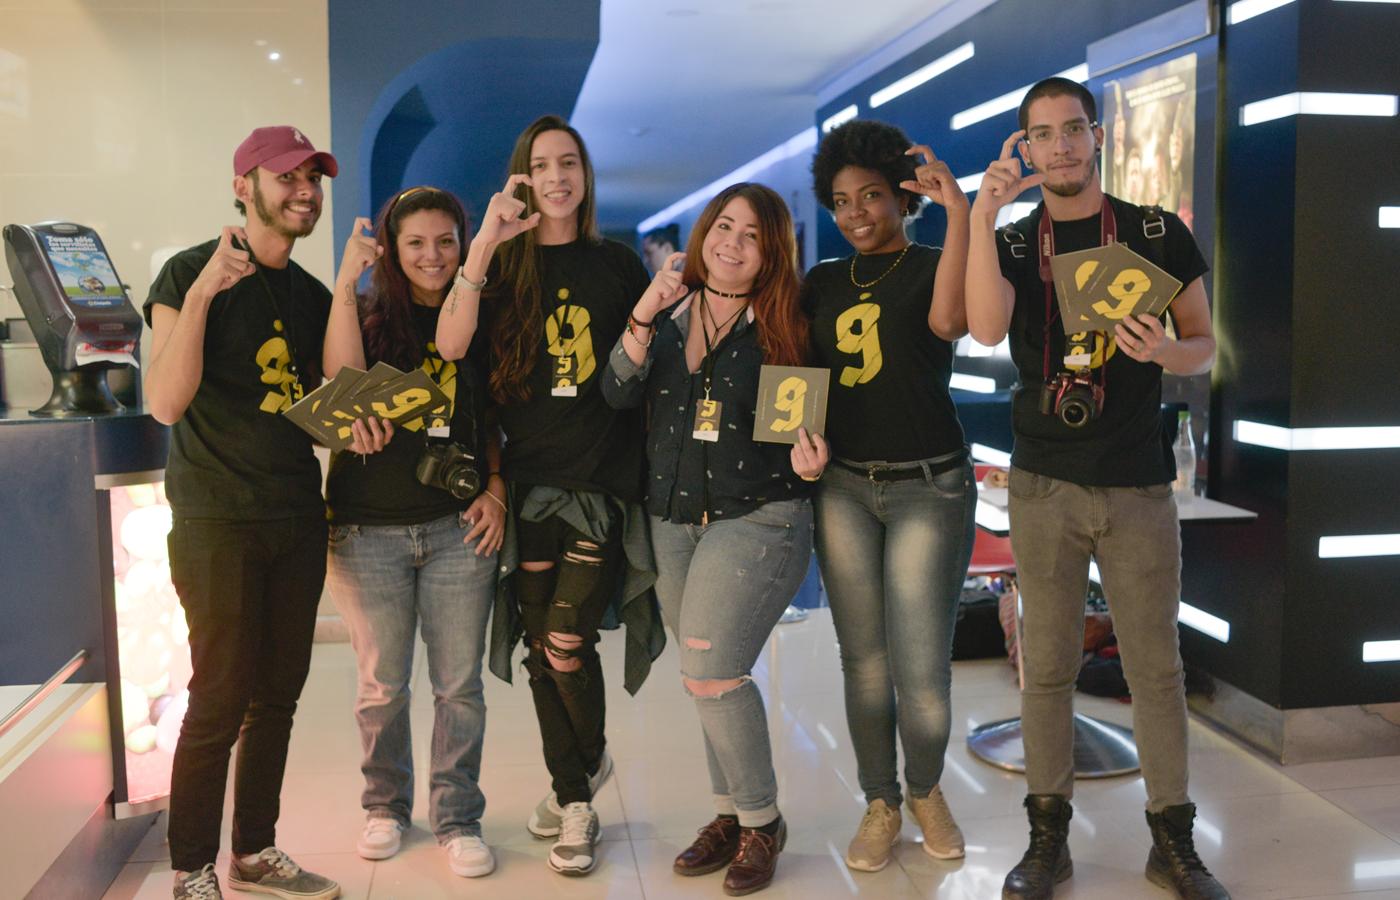 Equipo de voluntarios del festival haciendo el símbolo de la Garra de oro y luciendo algunas de las aplicaciones.